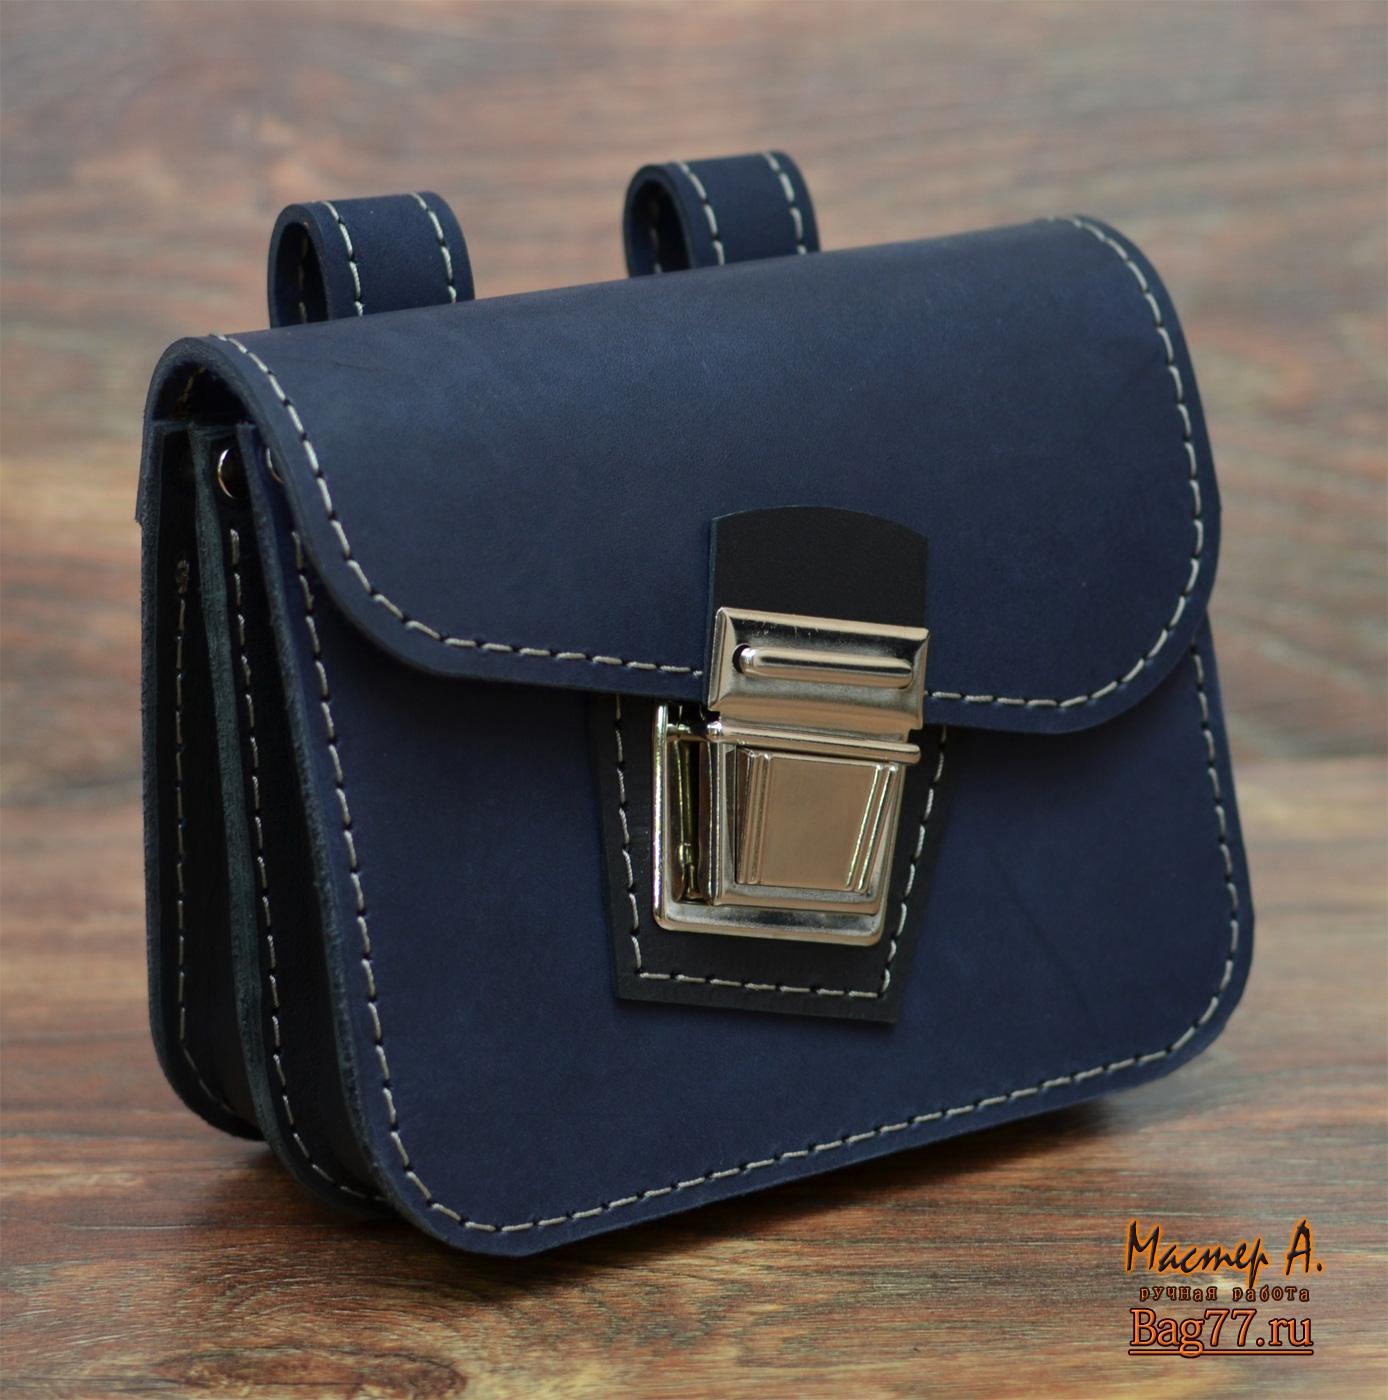 5463c2dcf95d Небольшая сумка-болтанка для ношения на поясе « Bag77.ru — кожаные ...